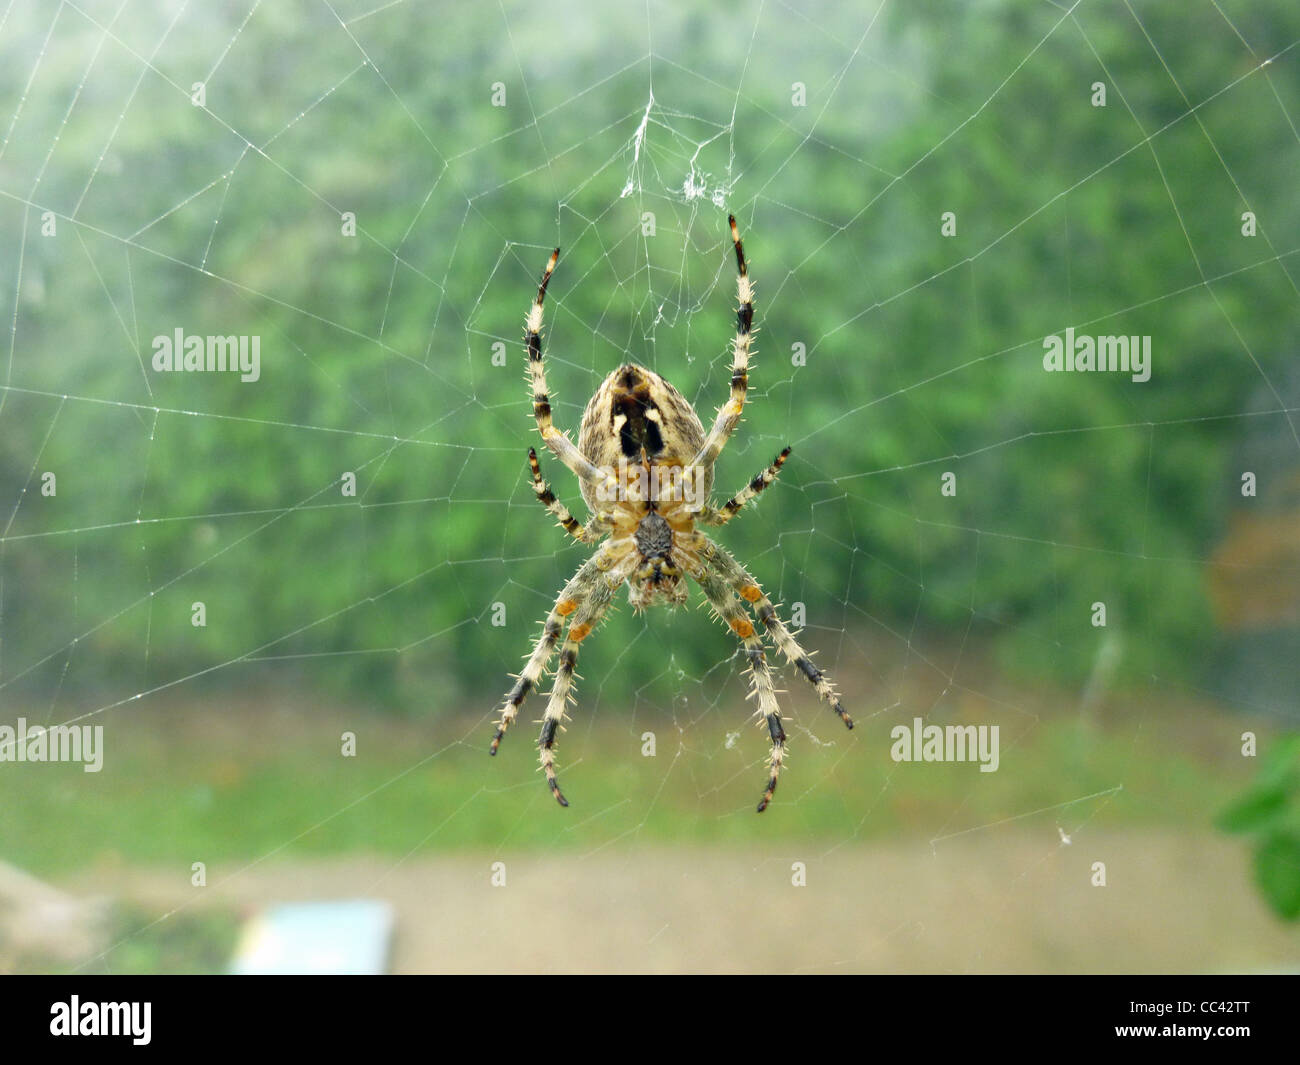 A Garden Spider (Araneus diadematus) - Stock Image